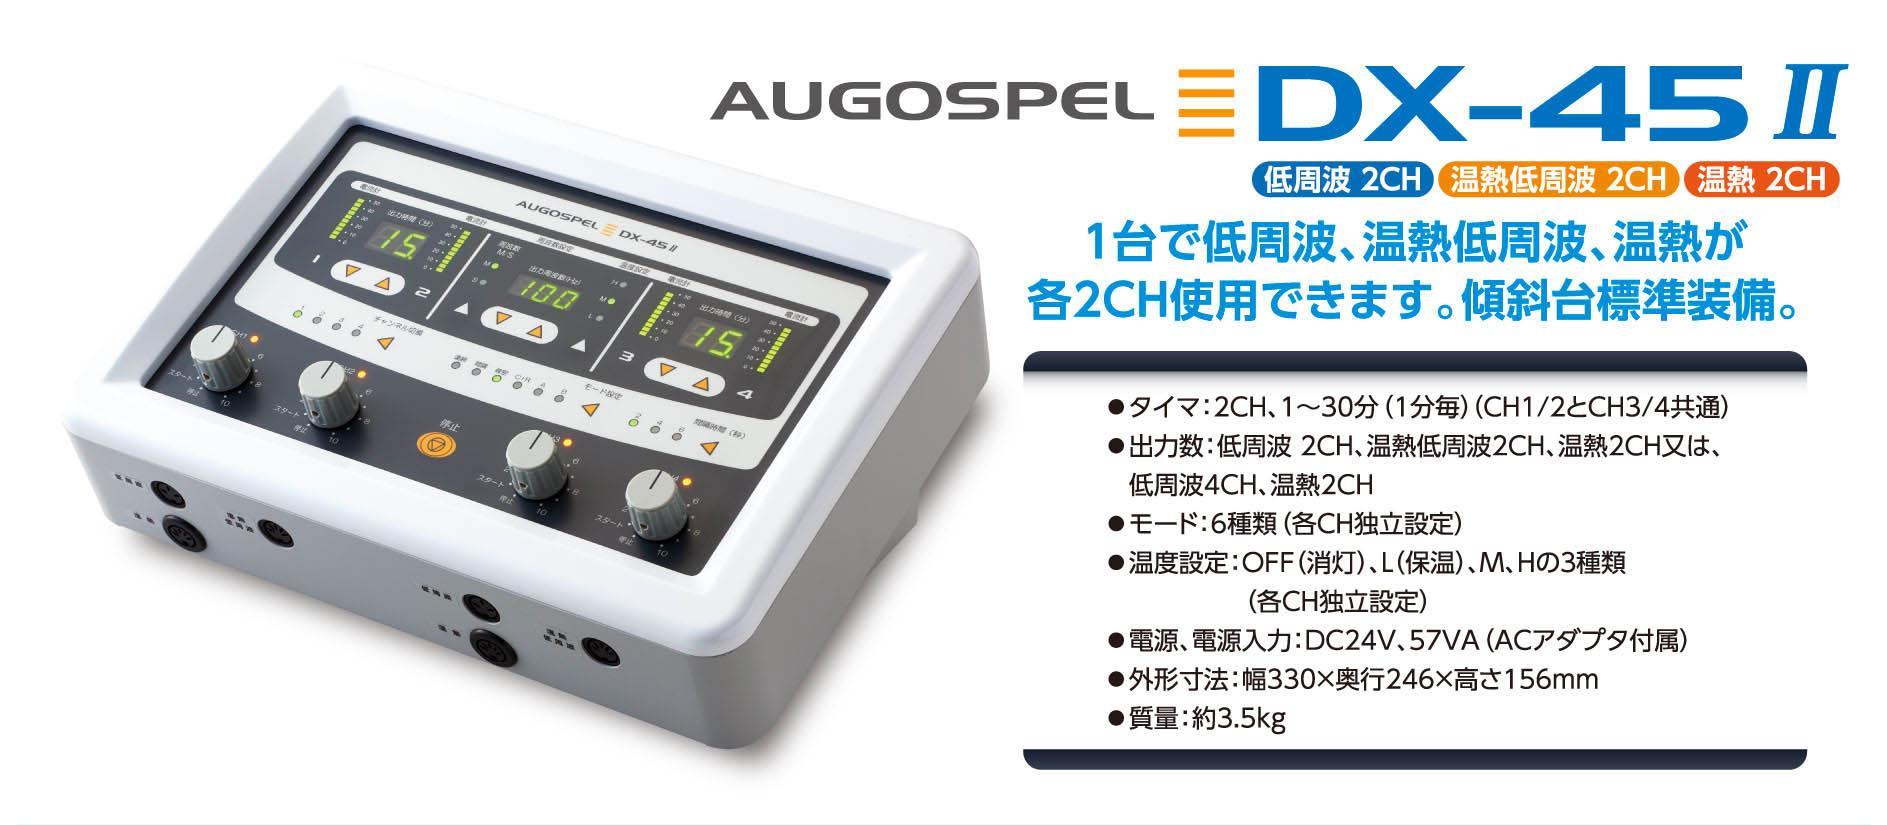 AUGOSPEL DX-II